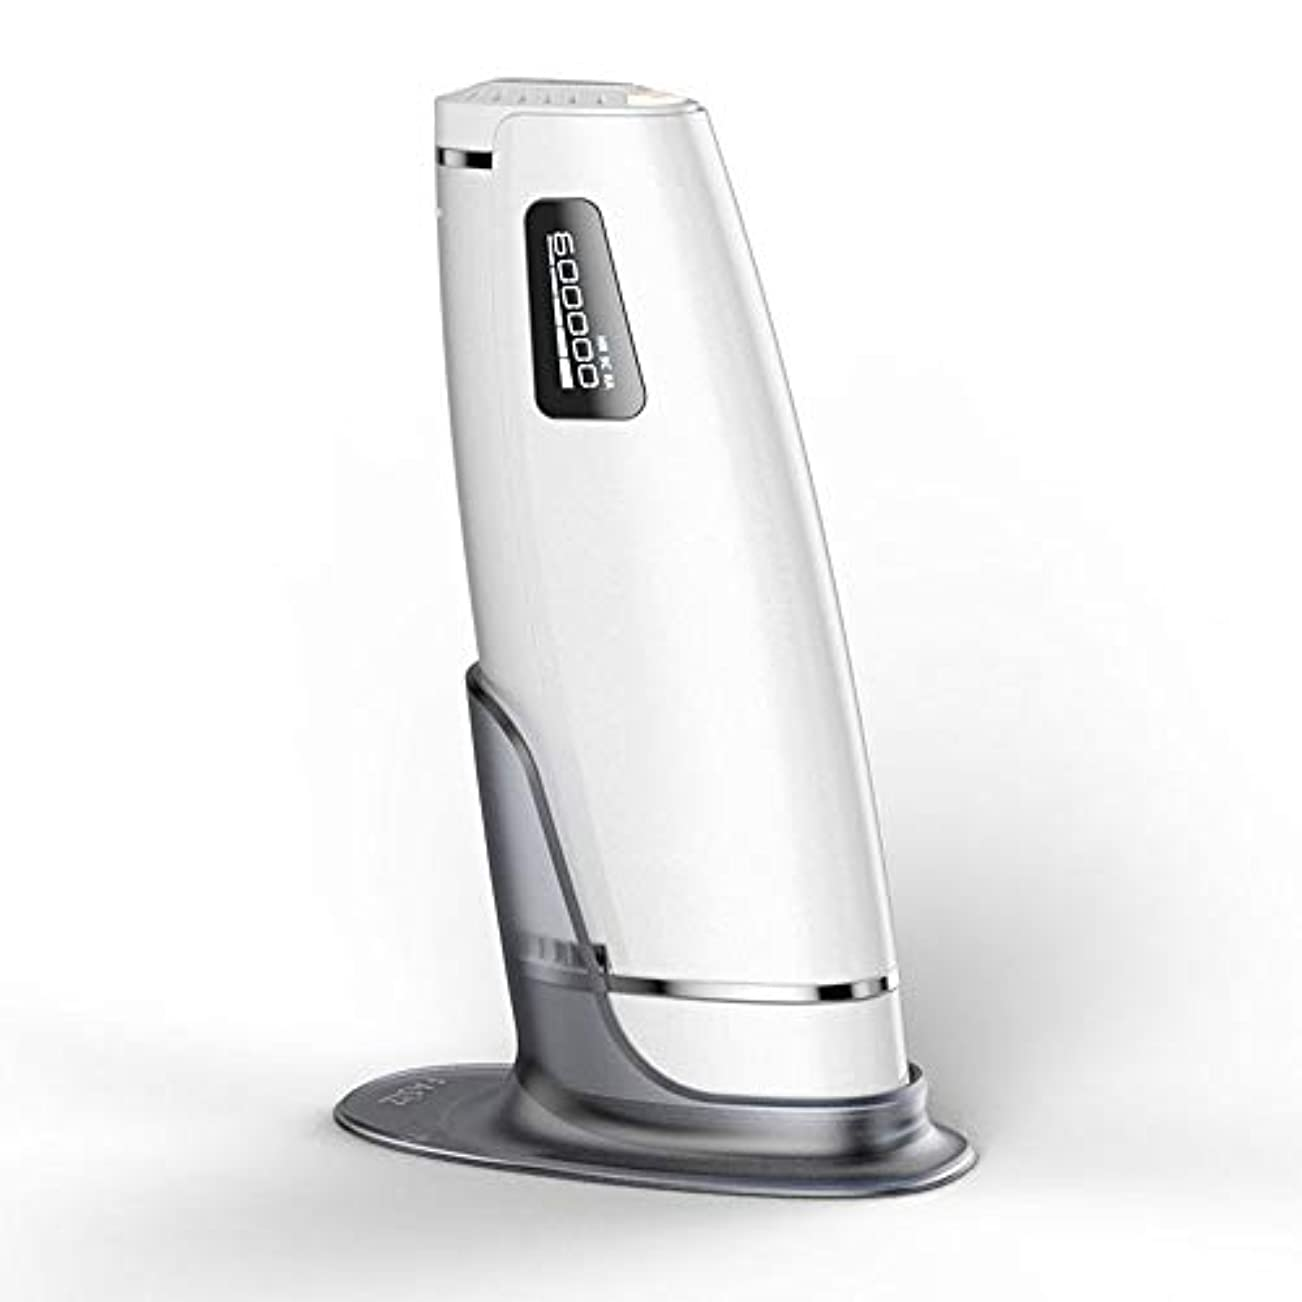 落ち着いた窒息させる歩道Iku夫 家庭用自動痛みのない毛の除去剤、白、携帯用永久的な毛の除去剤、二重モード、5つの速度調節、サイズ20.5 X 4.5 X 7 Cm